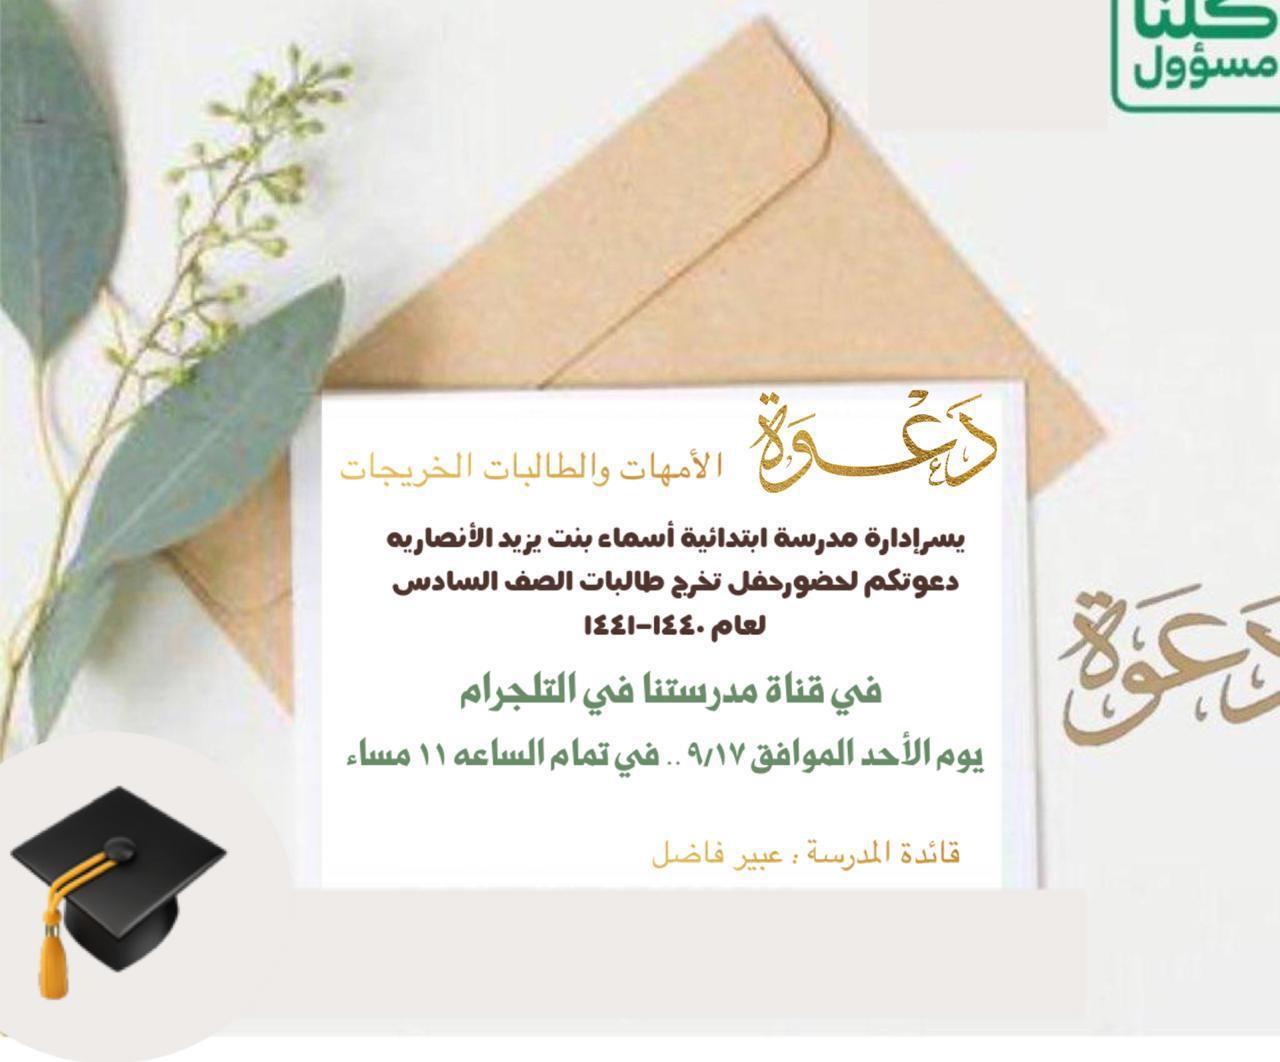 مدرسة اسماء بنت يزيد بالباحة تقيم حفل تخرج عن بعد صحيفة الرأي الإلكترونية